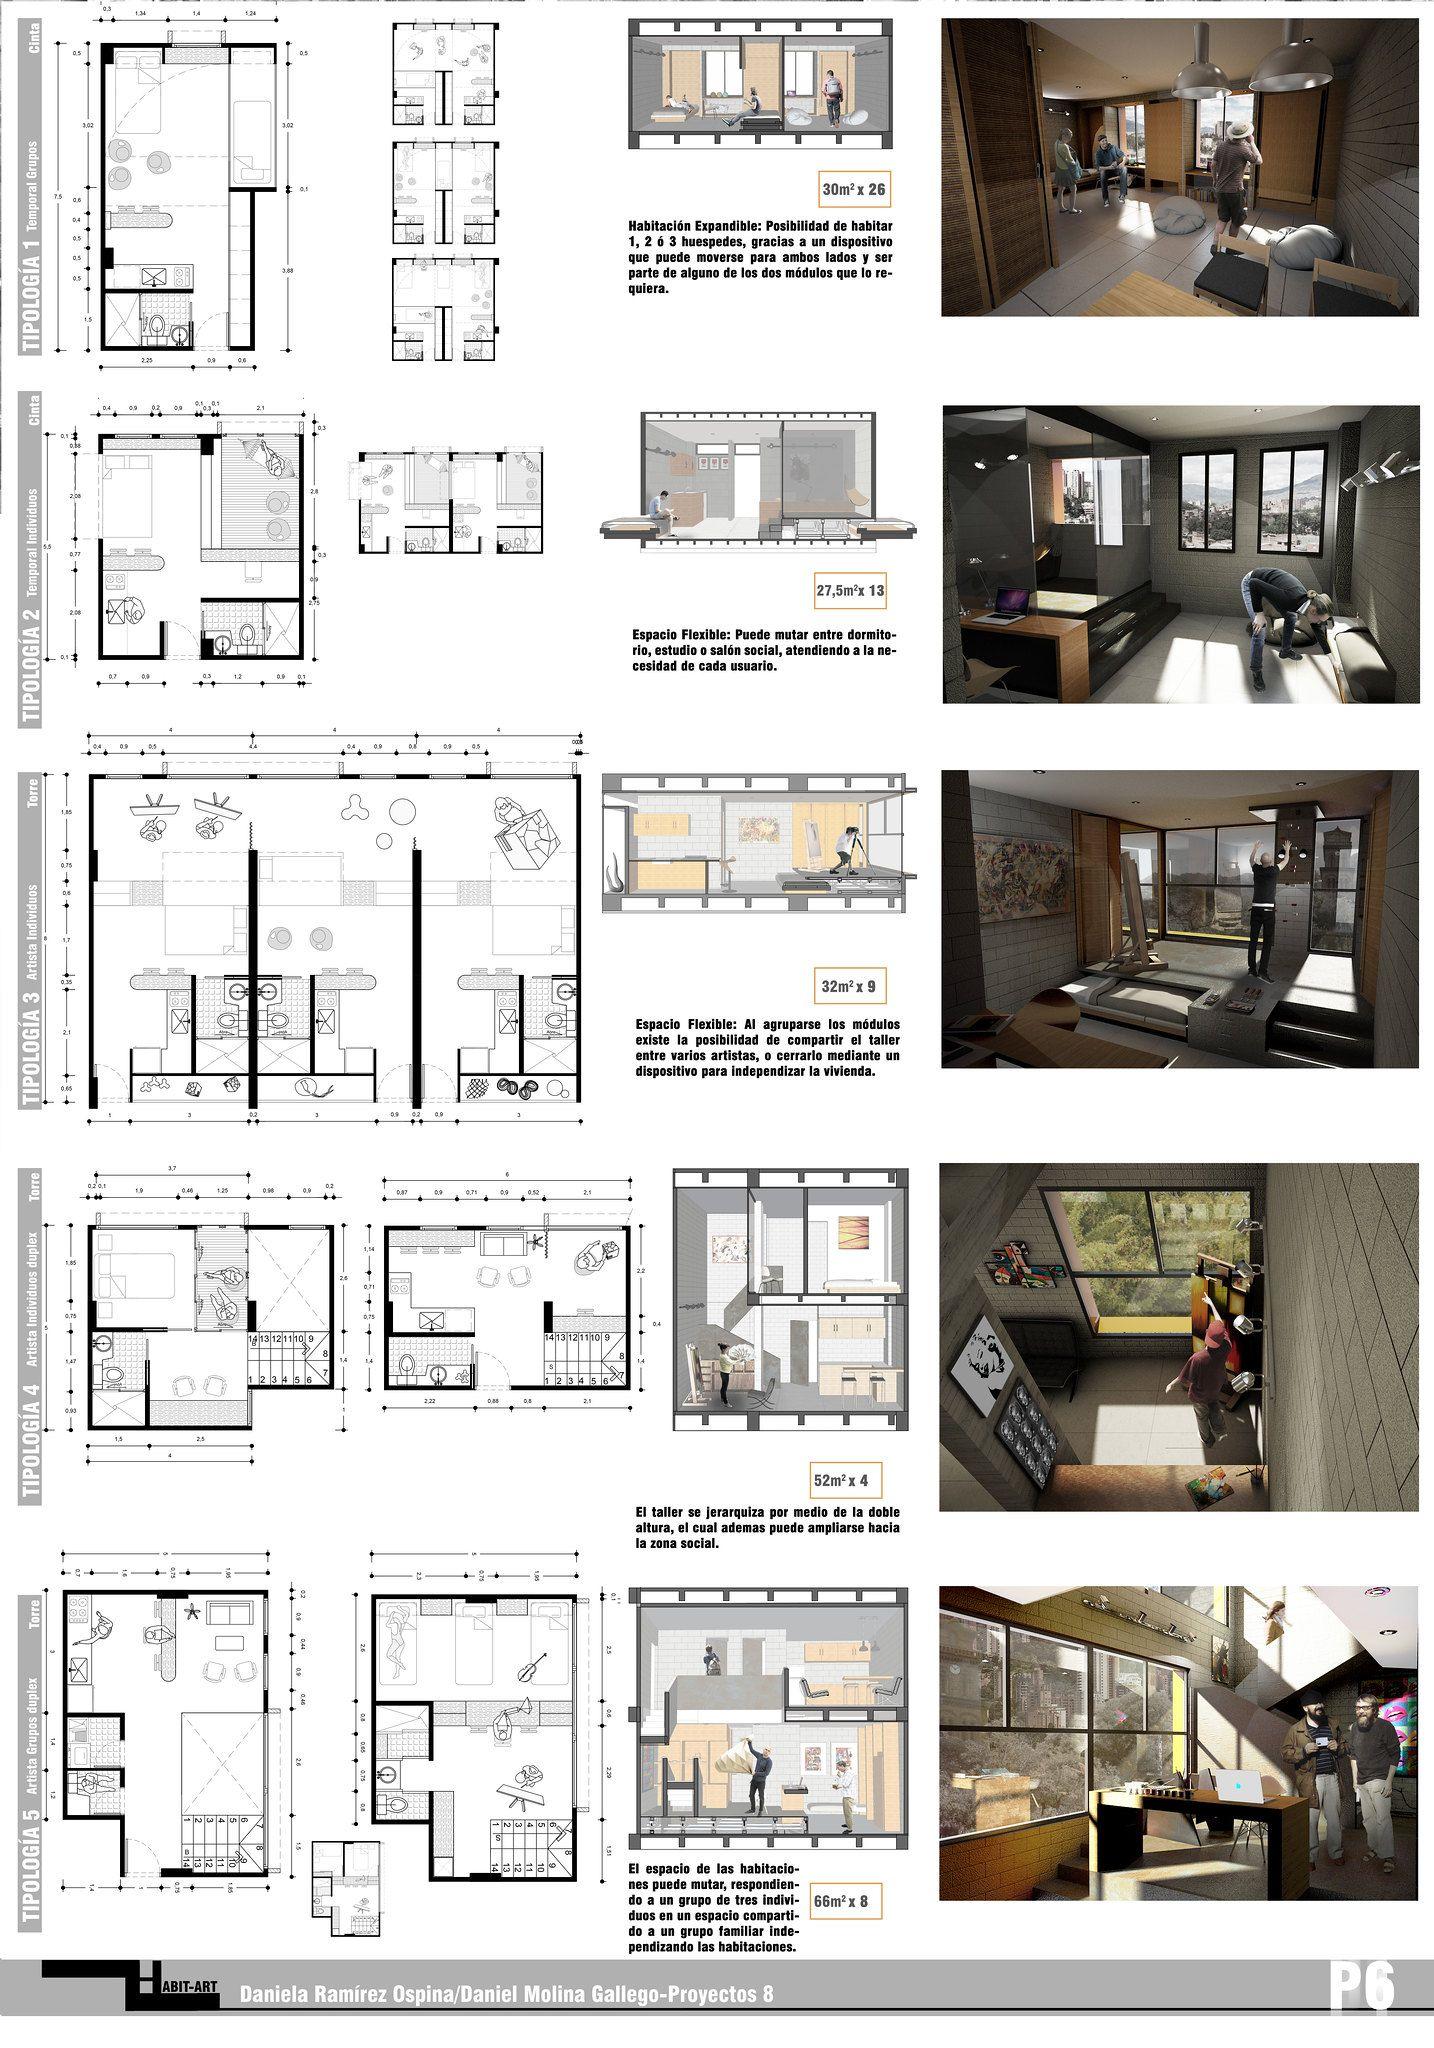 how to build an interior design portfolio